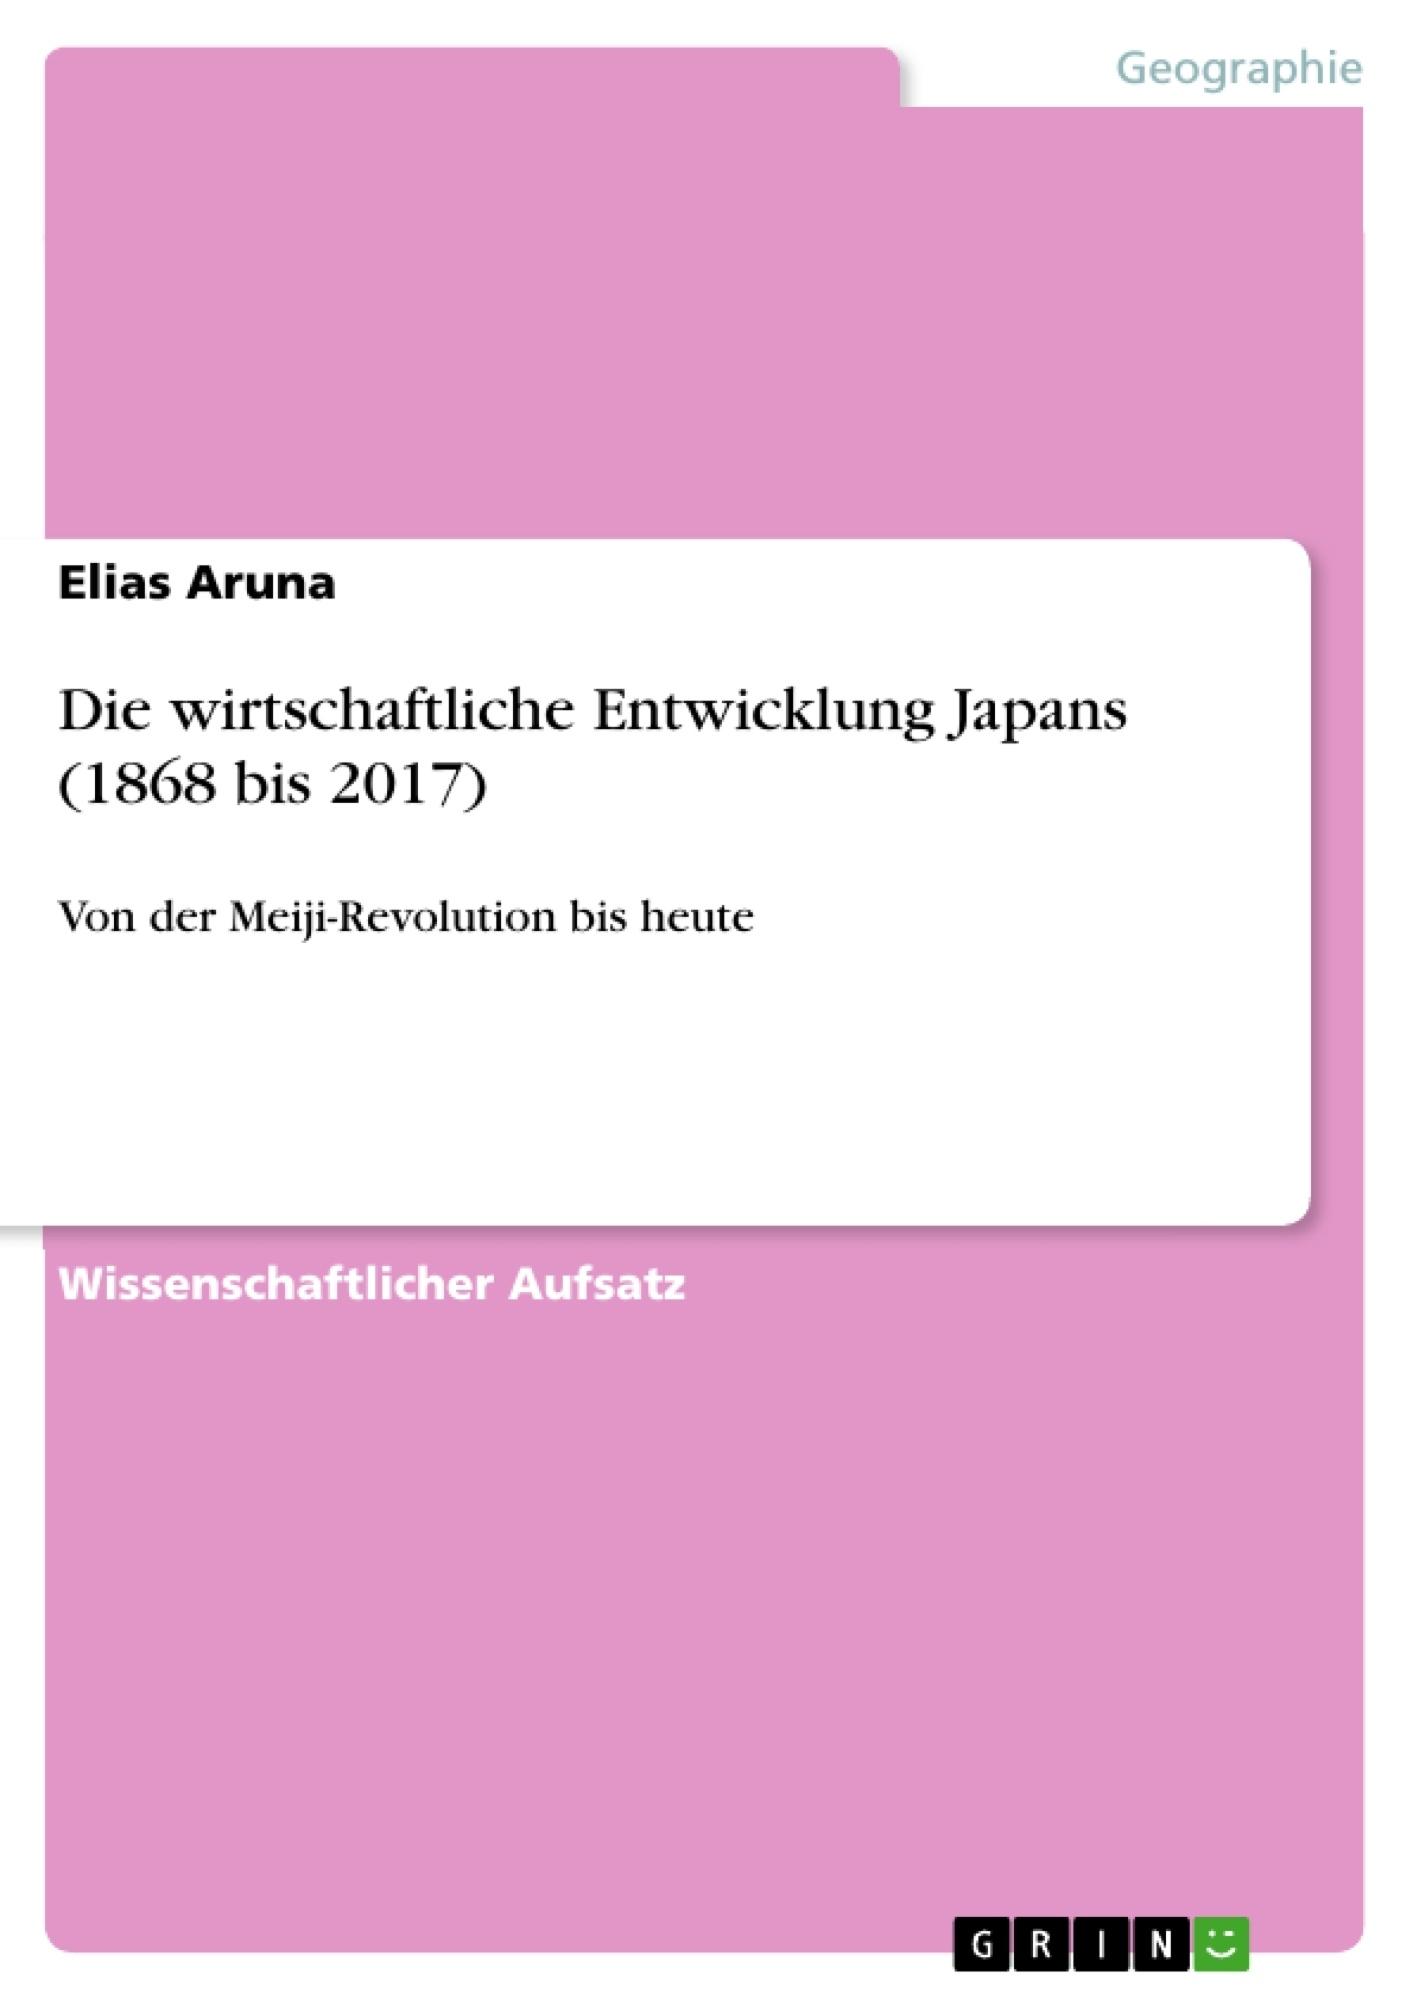 Titel: Die wirtschaftliche Entwicklung Japans (1868 bis 2017)